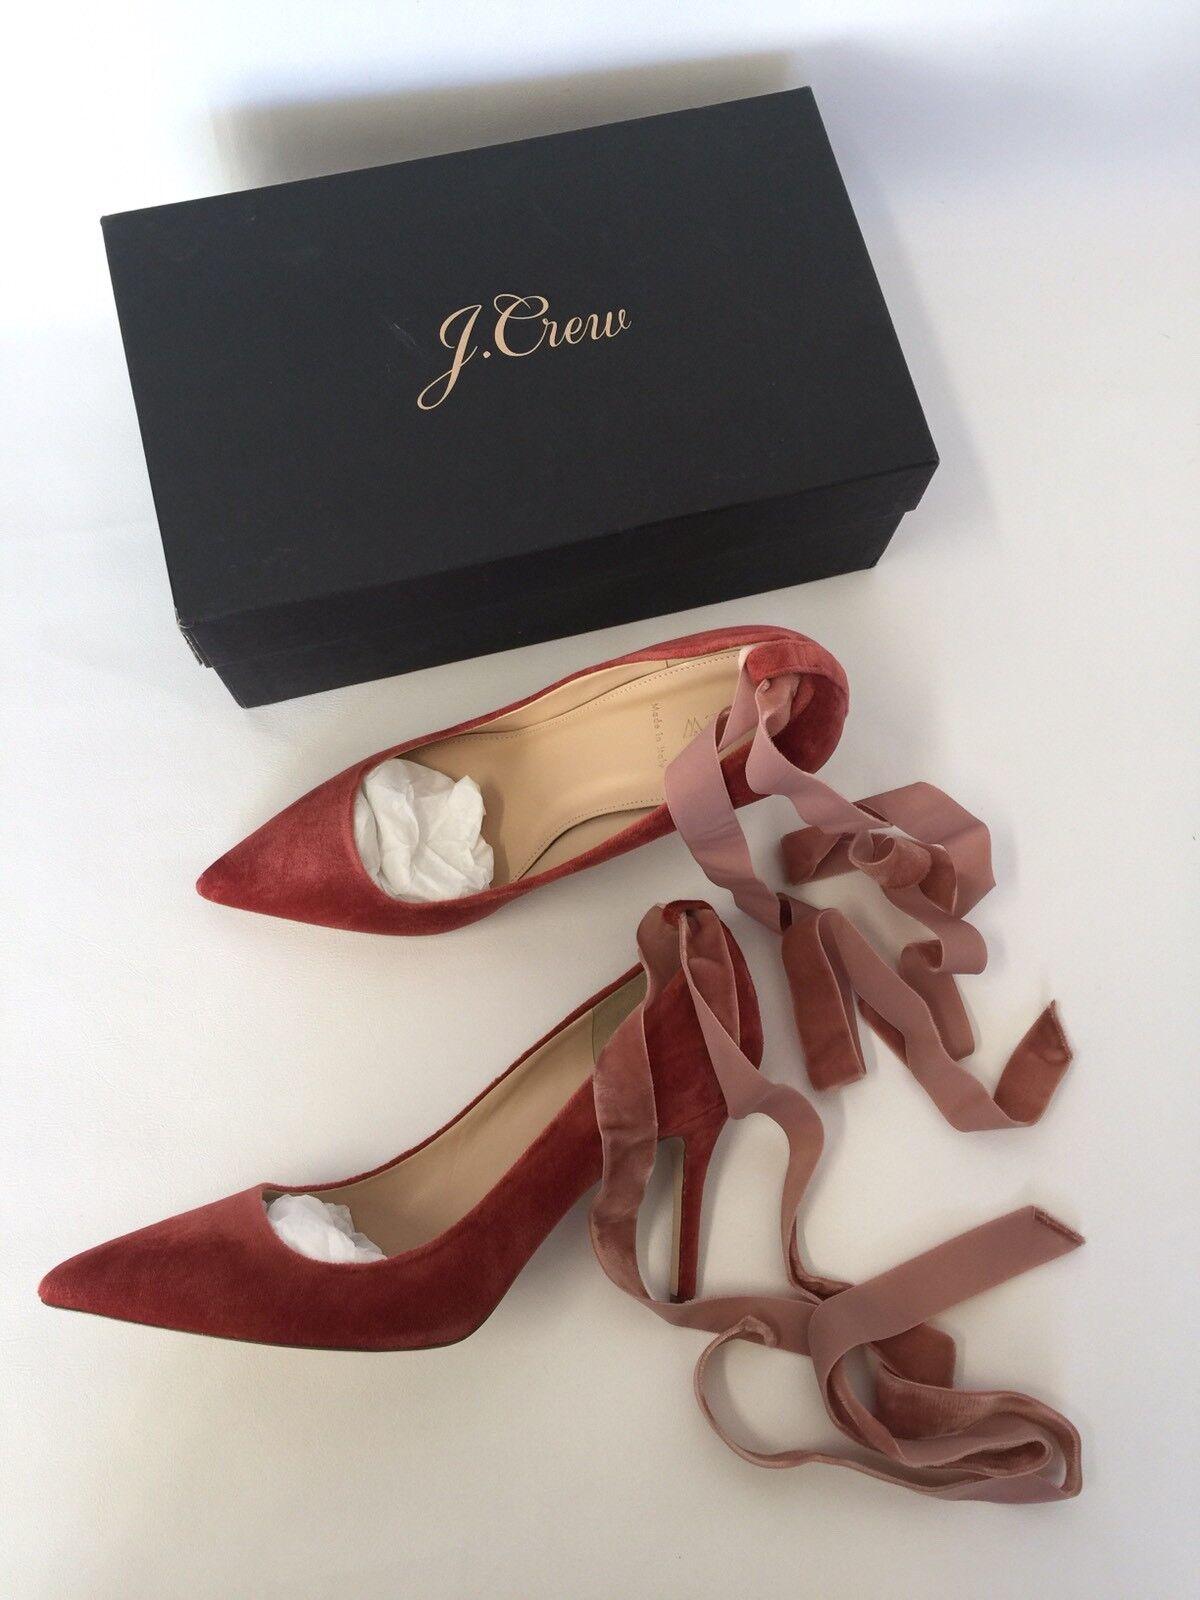 Jcrew  Elsie Terciopelo Tobillo Wrap bombas G8166 10.5 vendido oxidado Rojo Tacones Zapatos vendido 10.5 ee13db